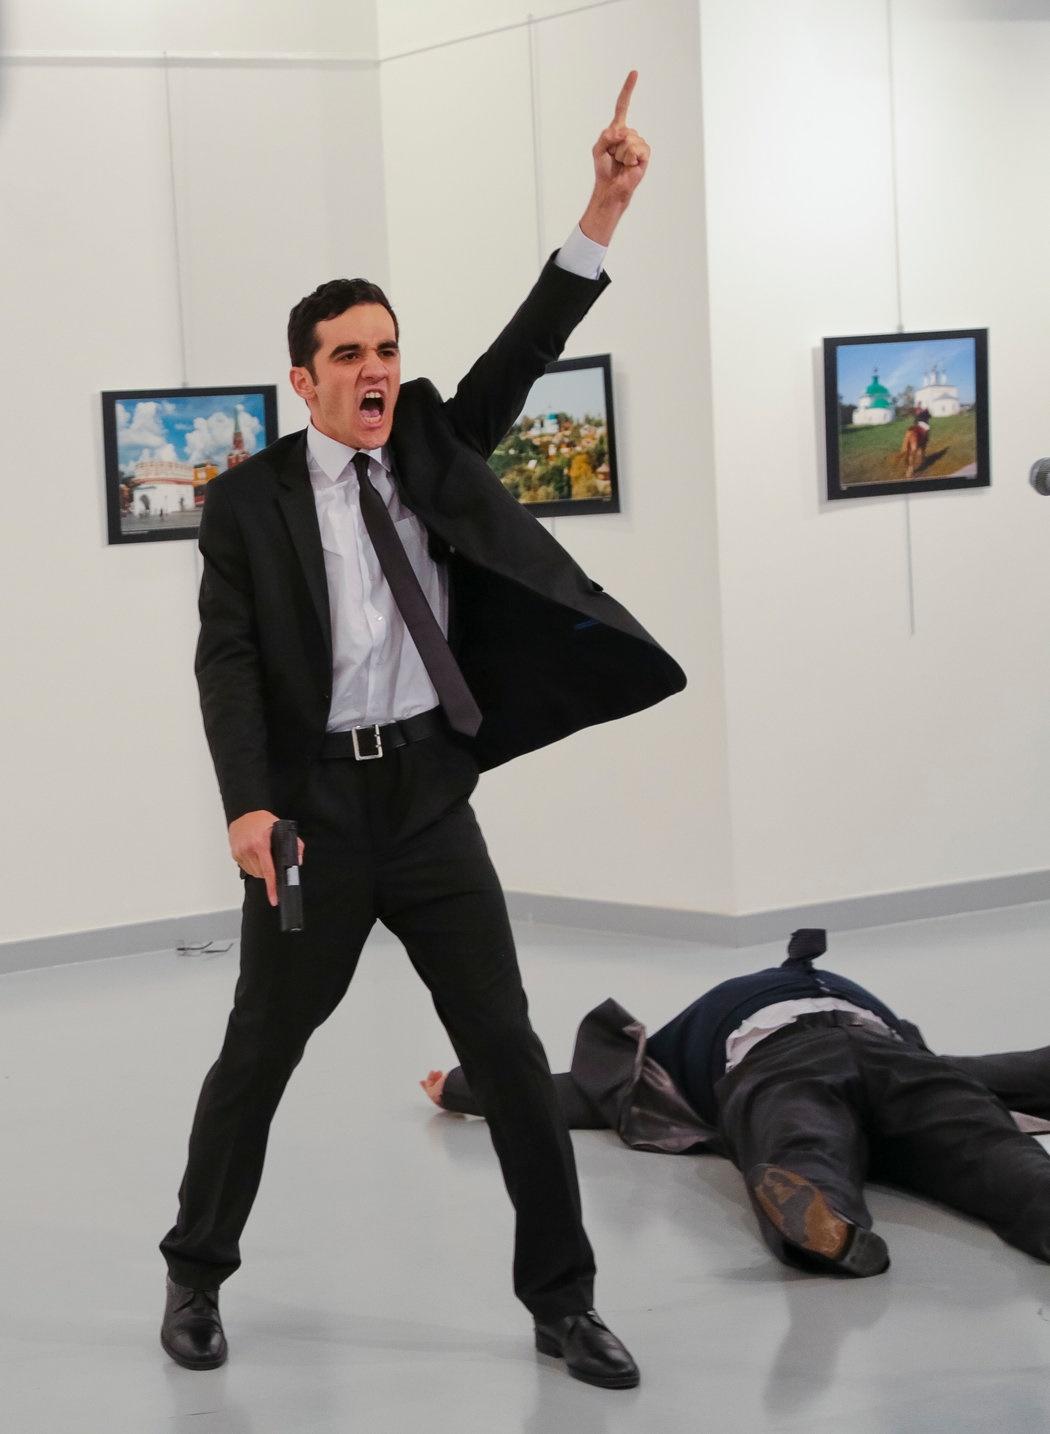 بهترین عکس سال «ورلد پرس فوتو»